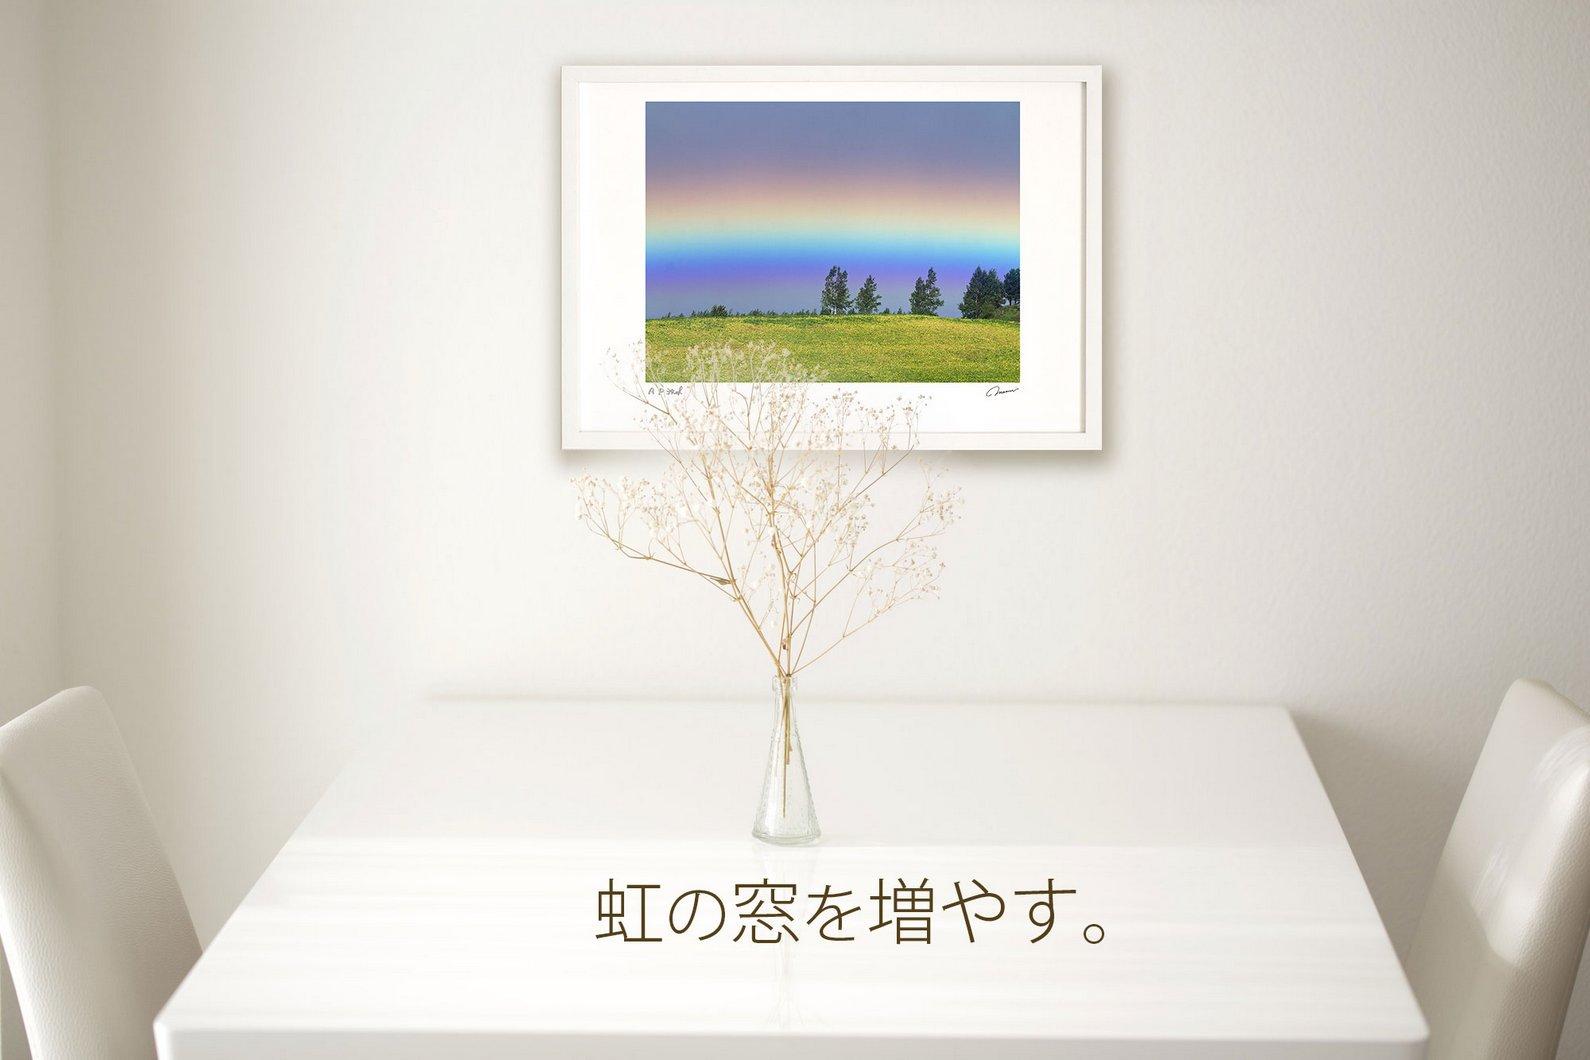 《アートフォト》桜14/上富良野町〔富良野・高橋真澄〕(レンタル対象)